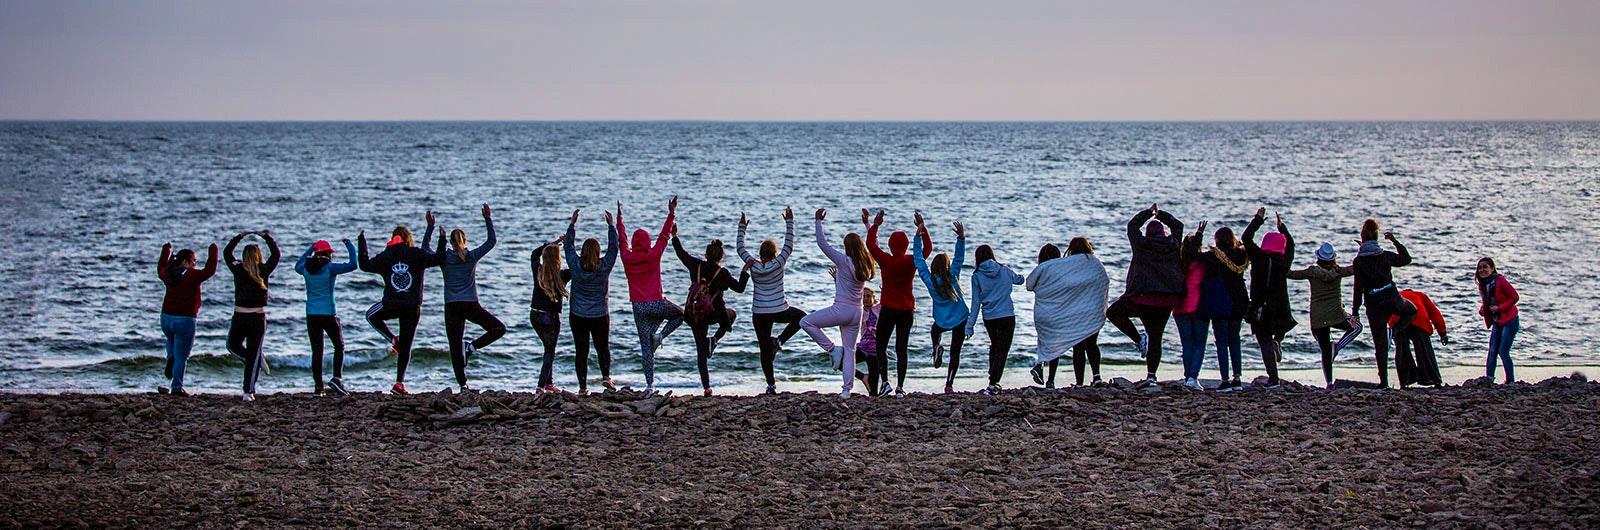 25 tonårstjejer står på rad i vattenbrynet vid havet